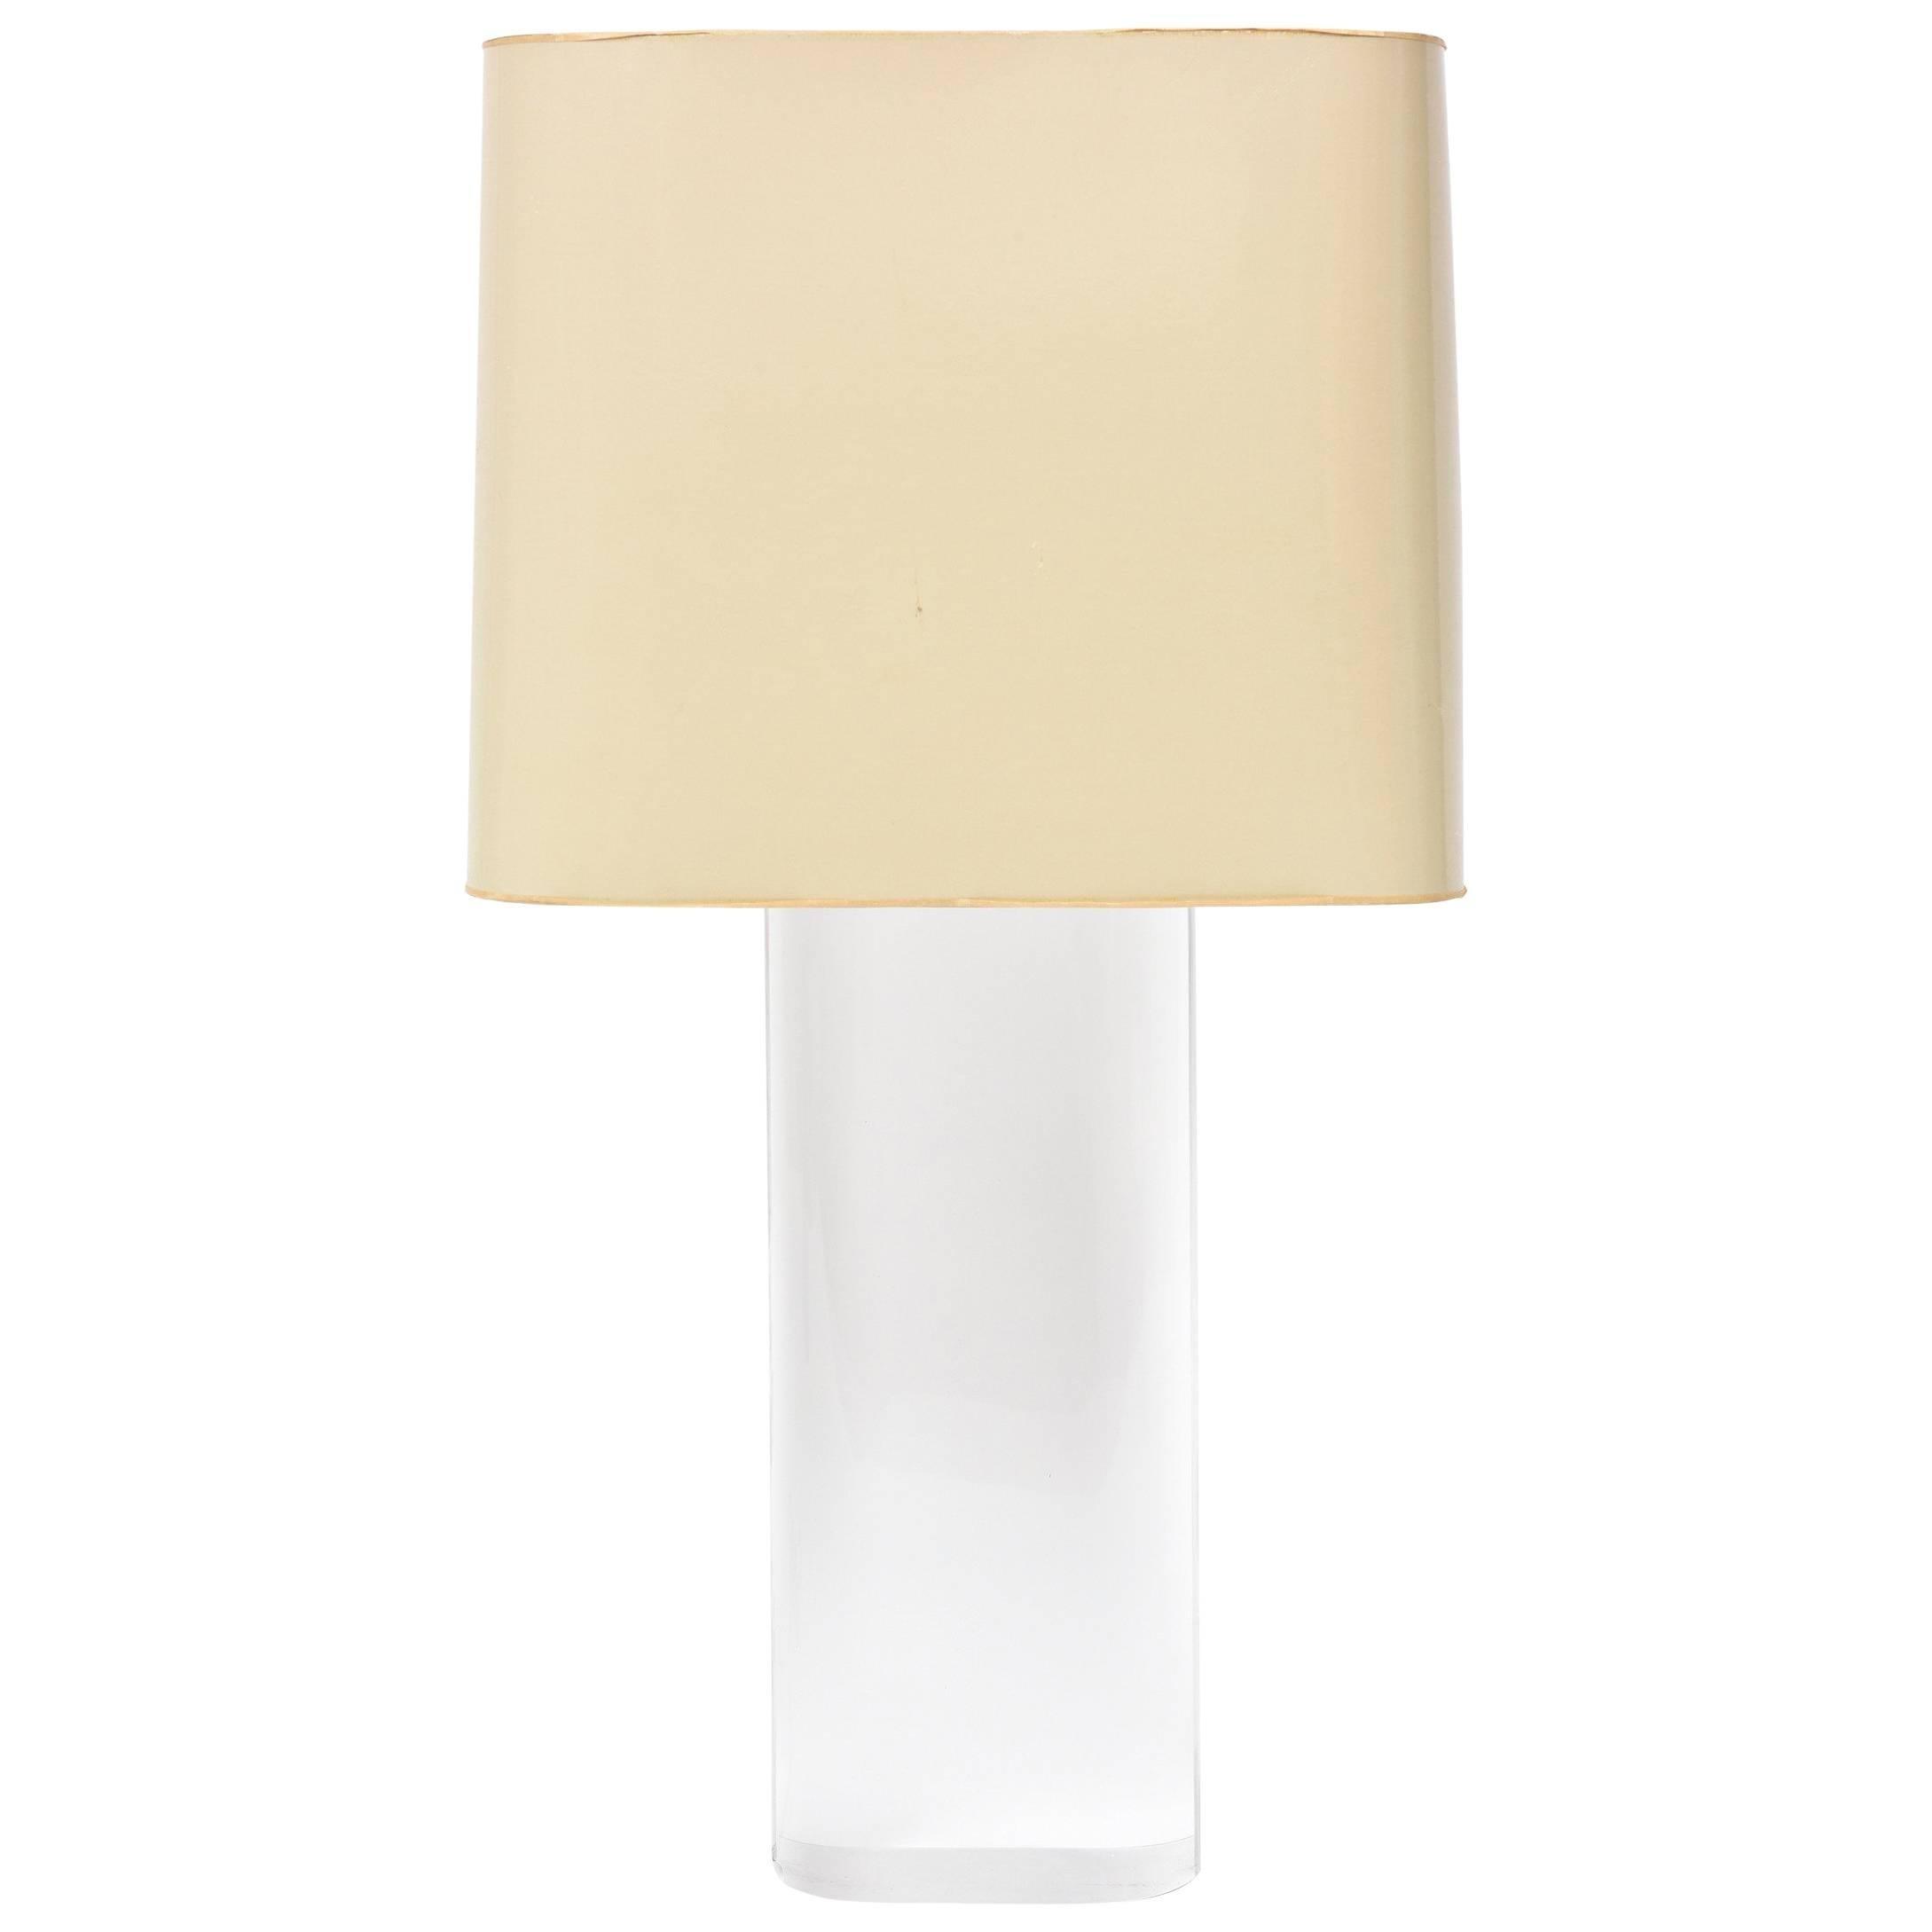 Karl Springer Oval Lucite Table Lamp